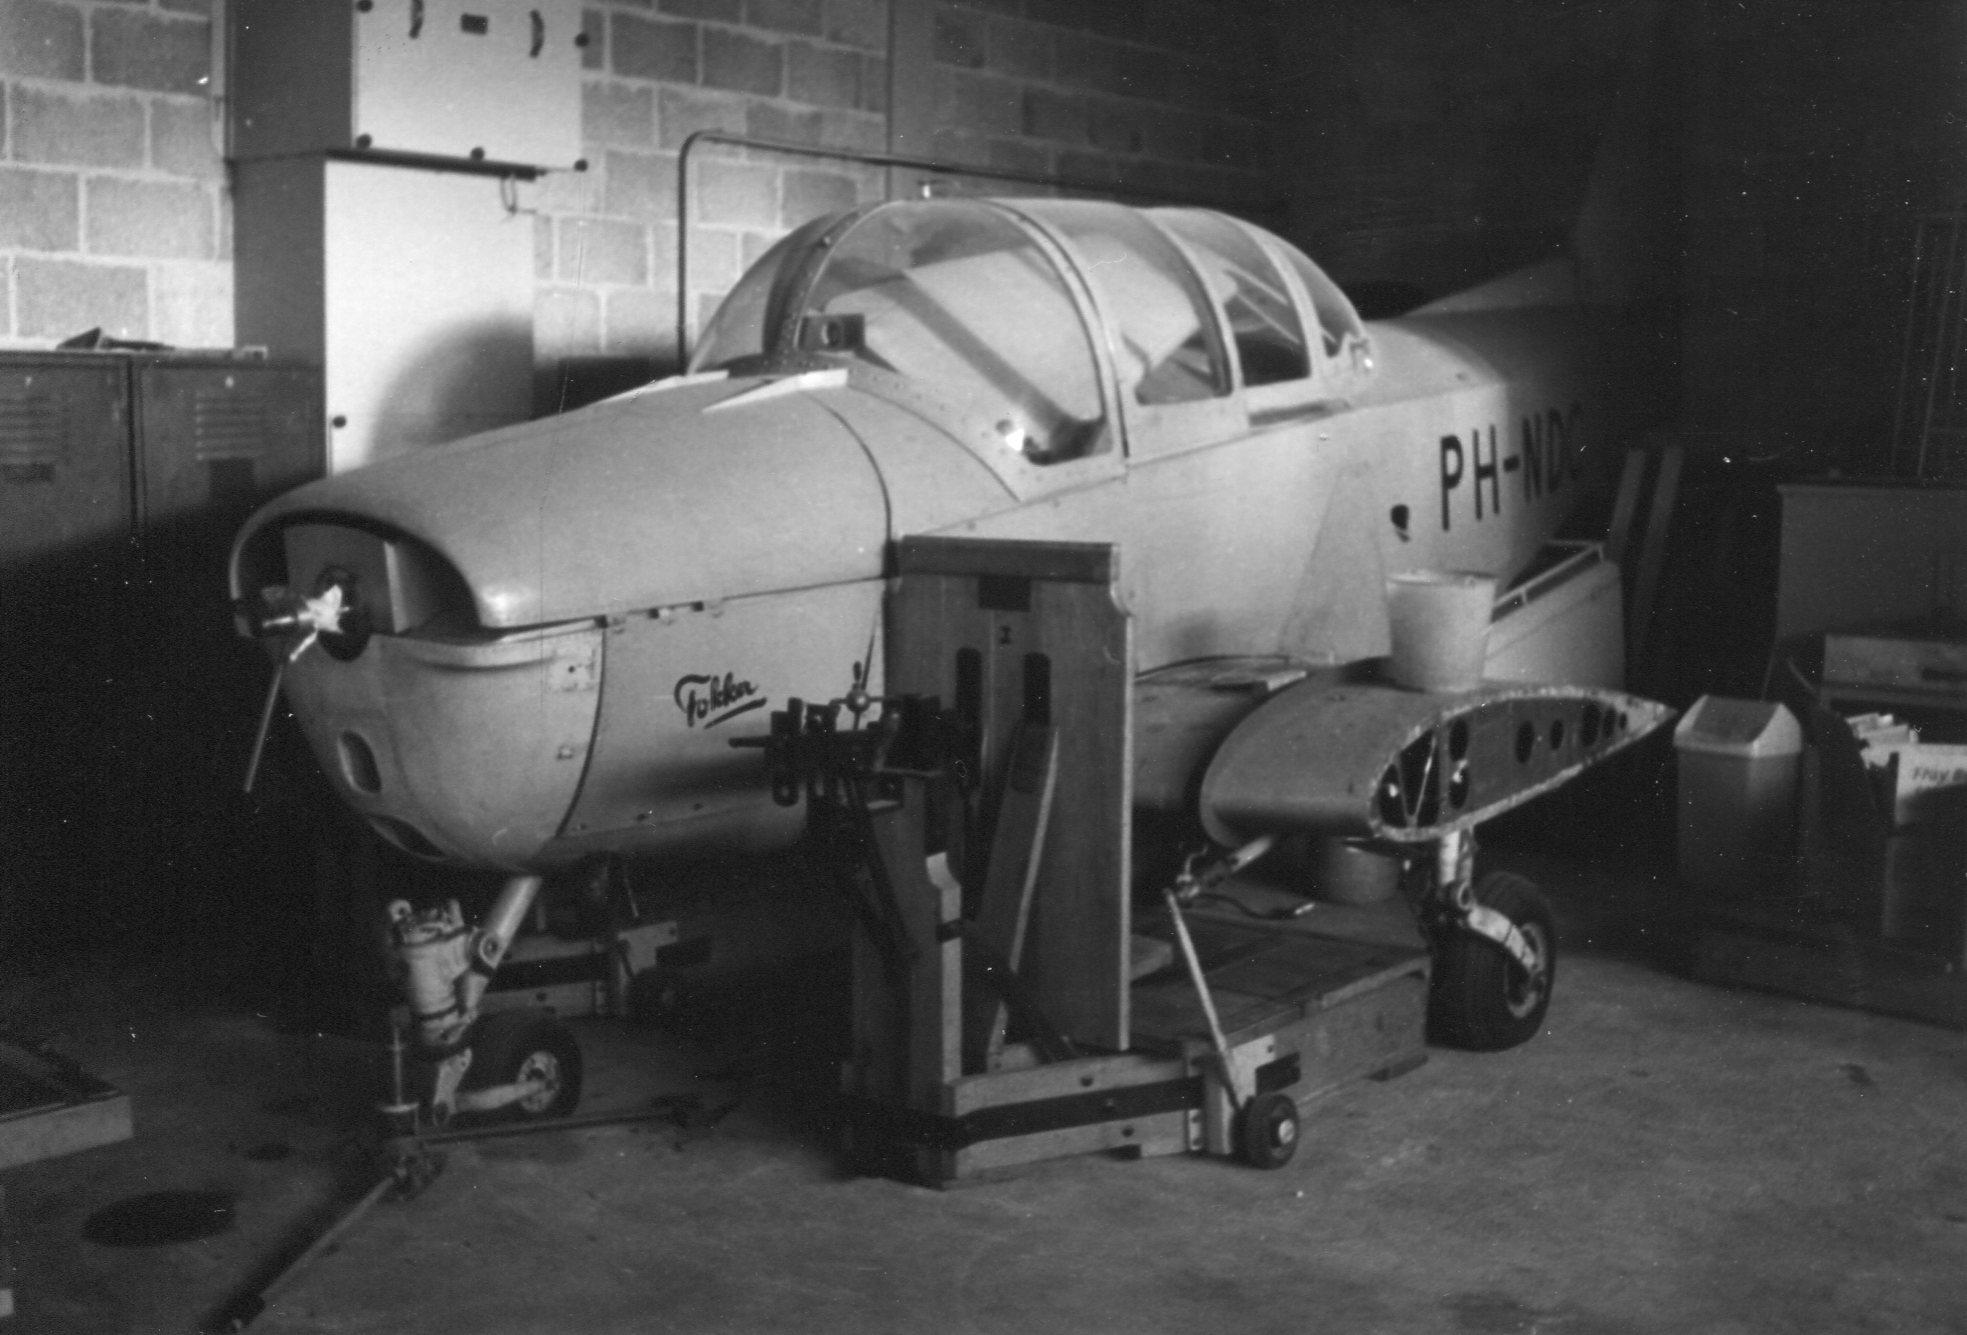 Naam: S 12 prototype , Zestienhoven.jpg Bekeken: 82 Grootte: 275,8 KB